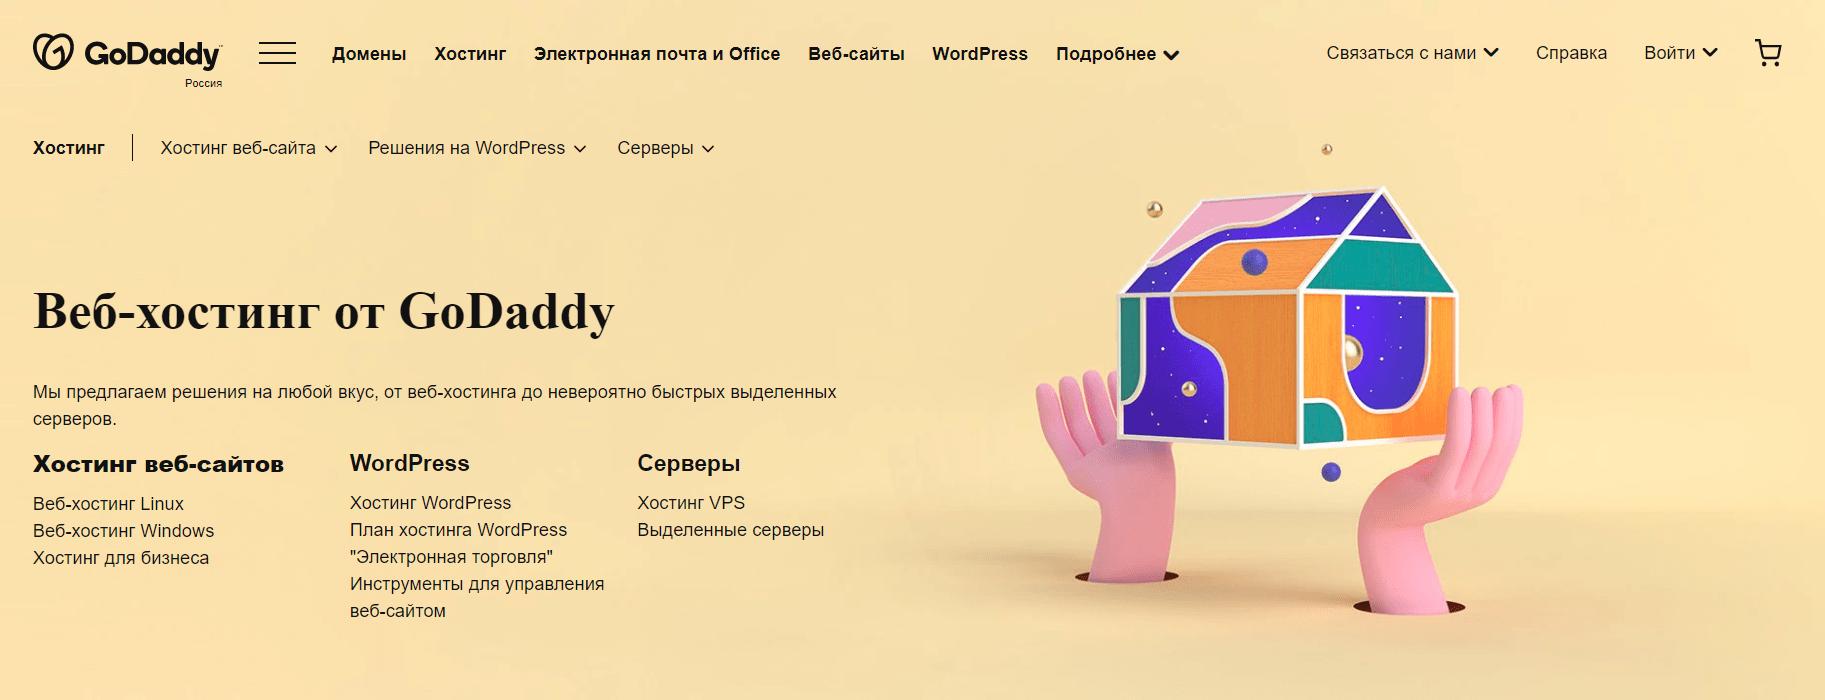 Главная страница GoDaddy.